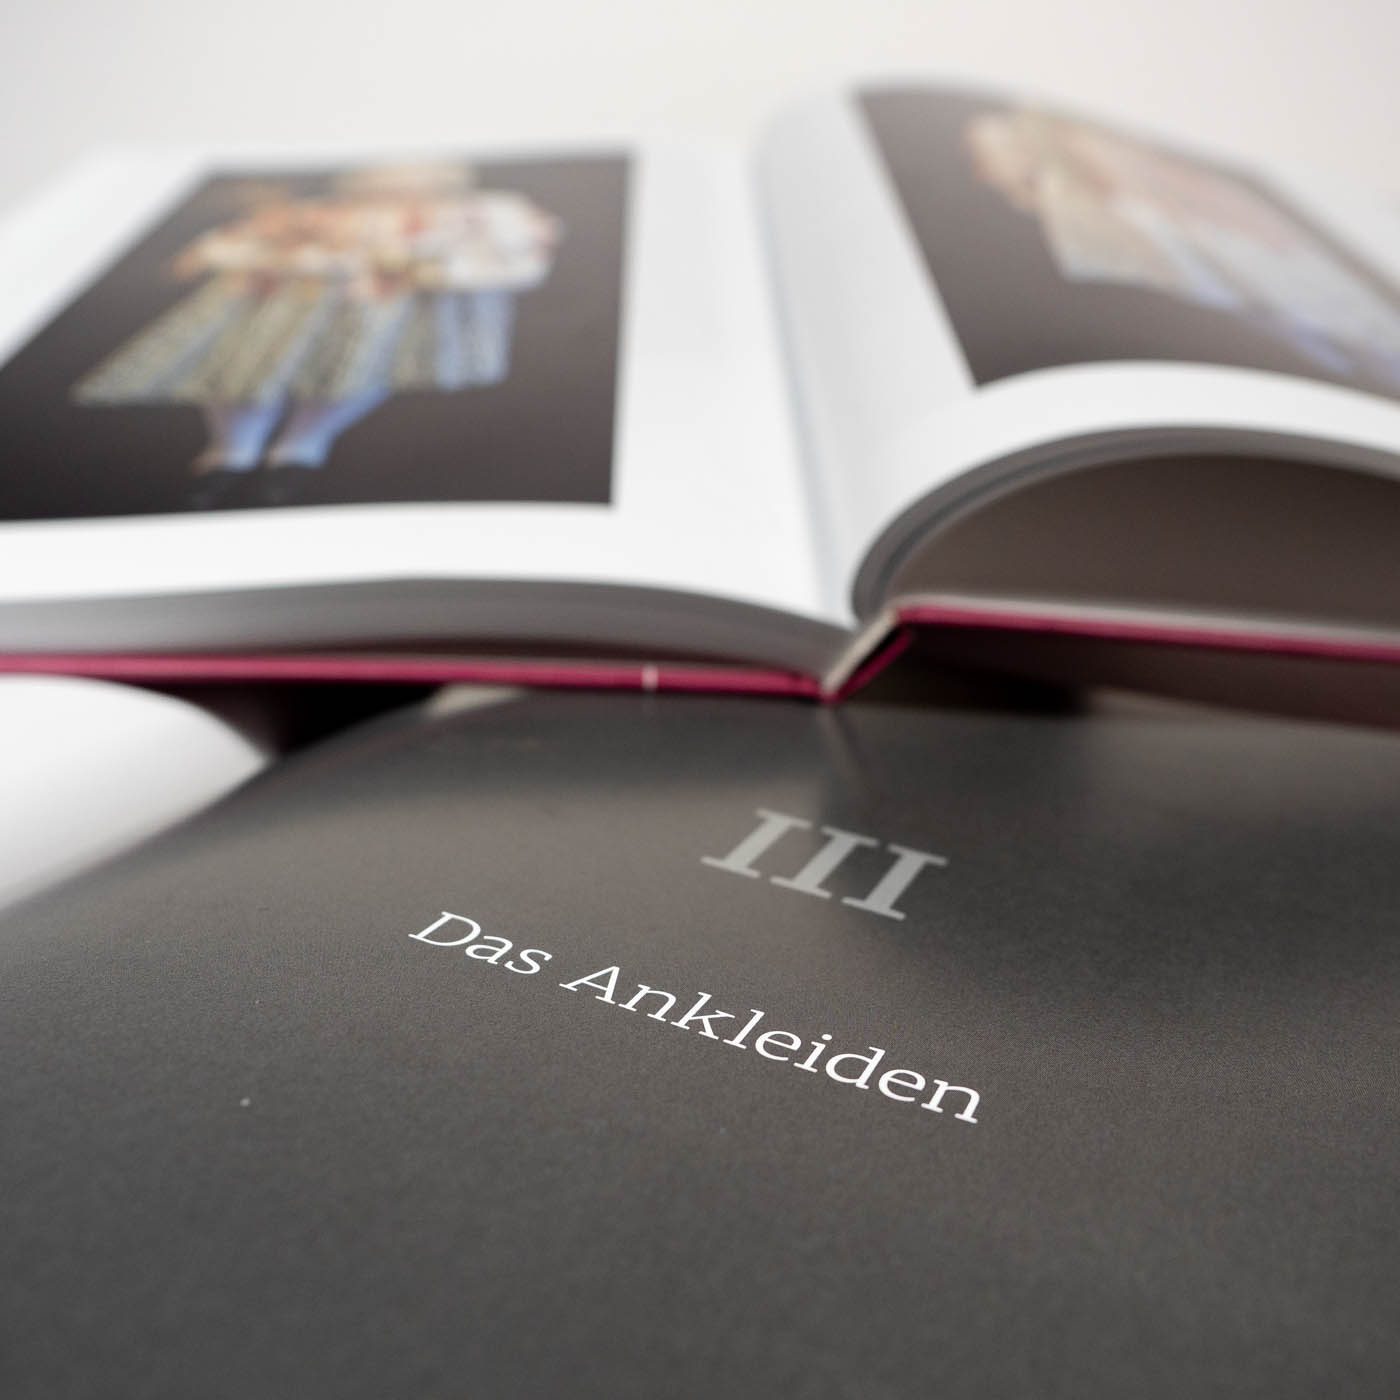 Gladźarnica: Die Schleifer Tracht (Slěpjańska burska drasta) – Teil 1: Dźěćetko